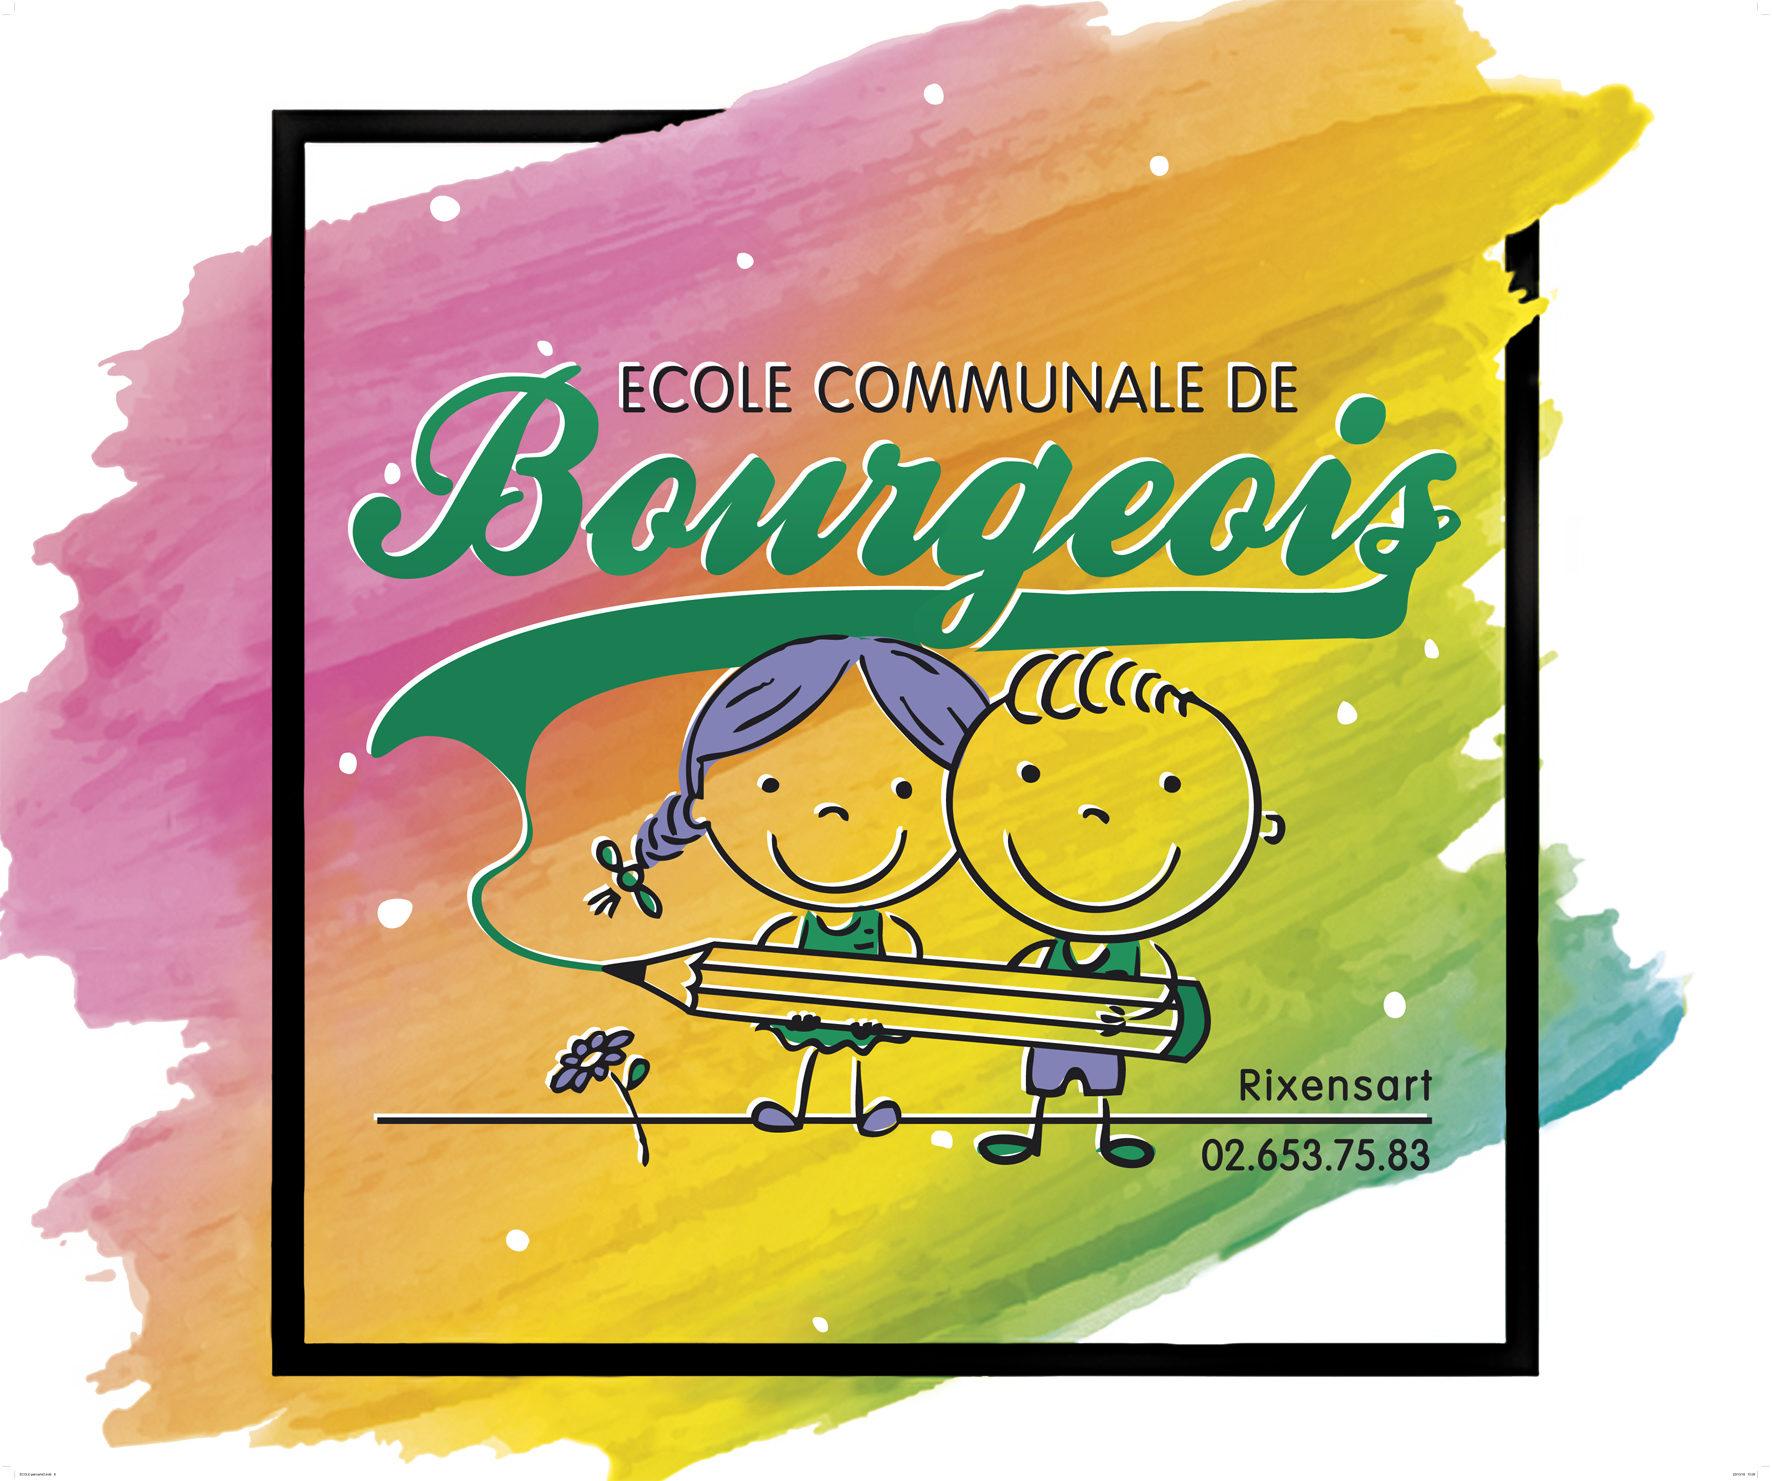 Ecole communale de Bourgeois